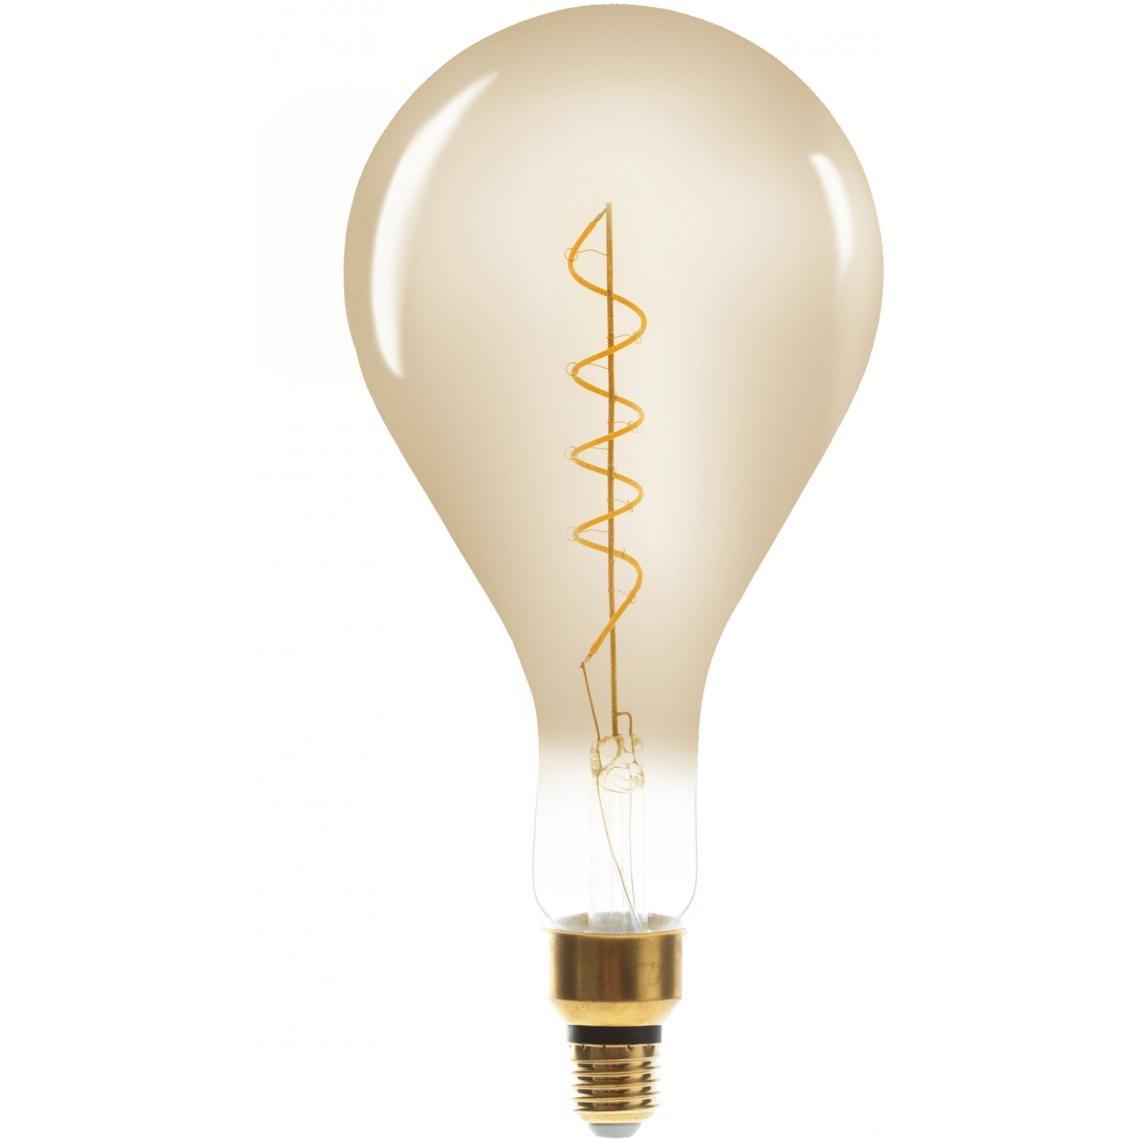 Ampoule Ambrée LED Filaments Torsadés BELLA